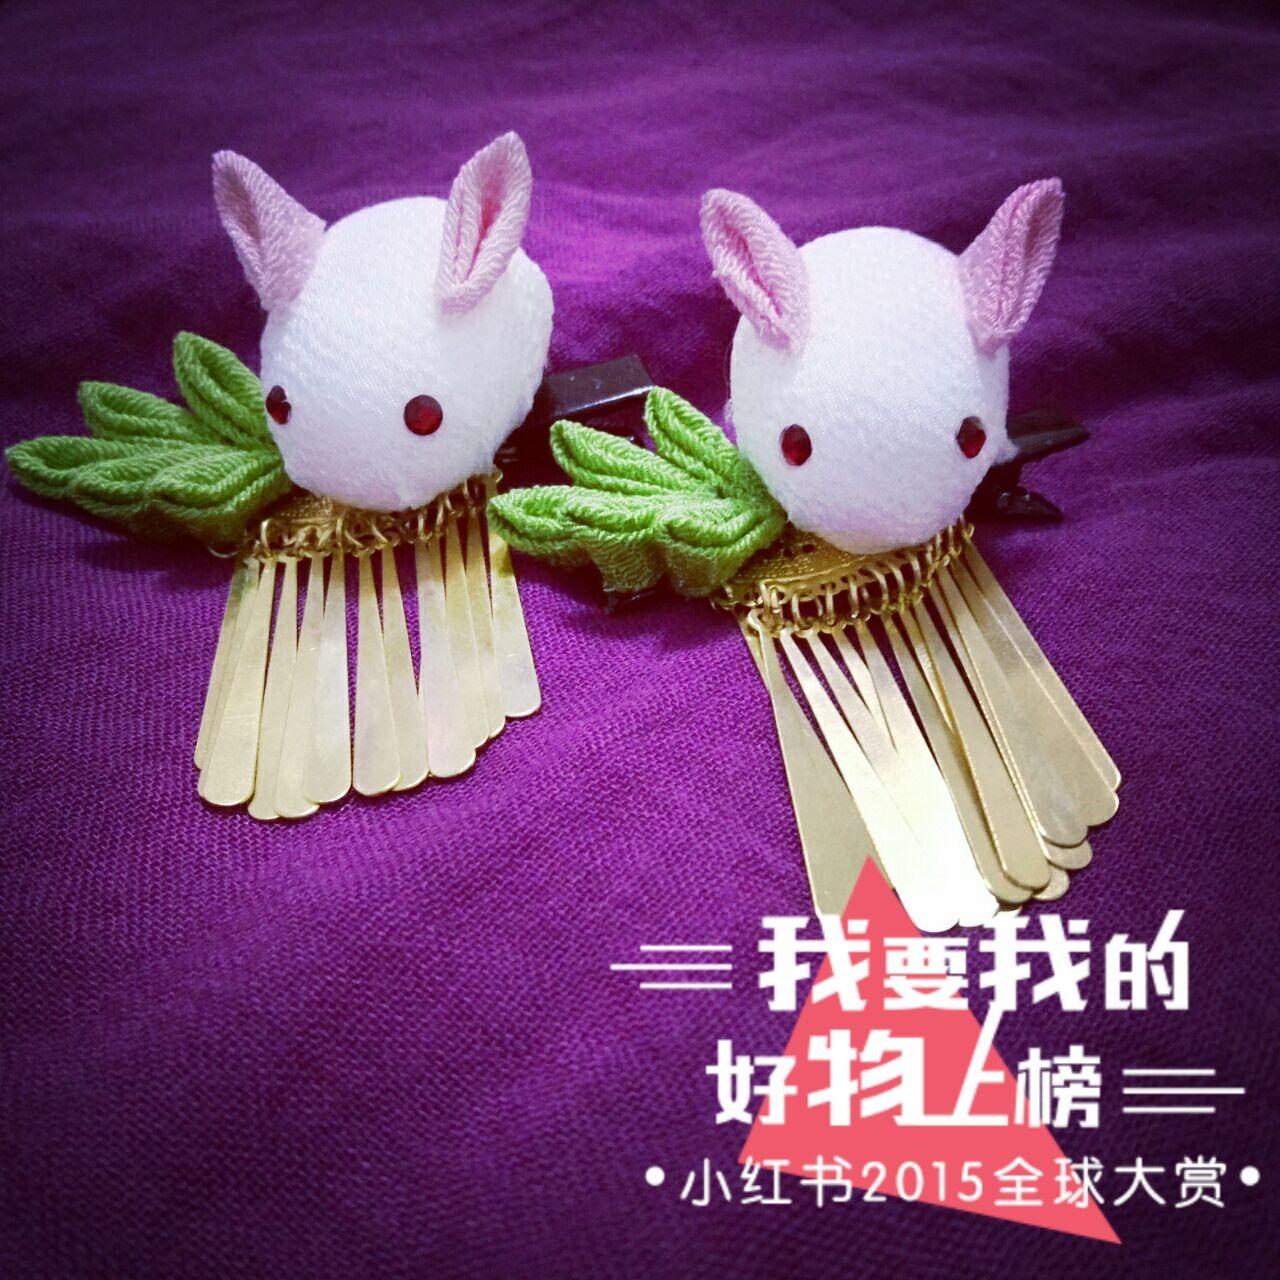 原创萌兔流苏发夹_价格_怎么样_纯手工制作 萌萌哒的兔子加上绿叶陪